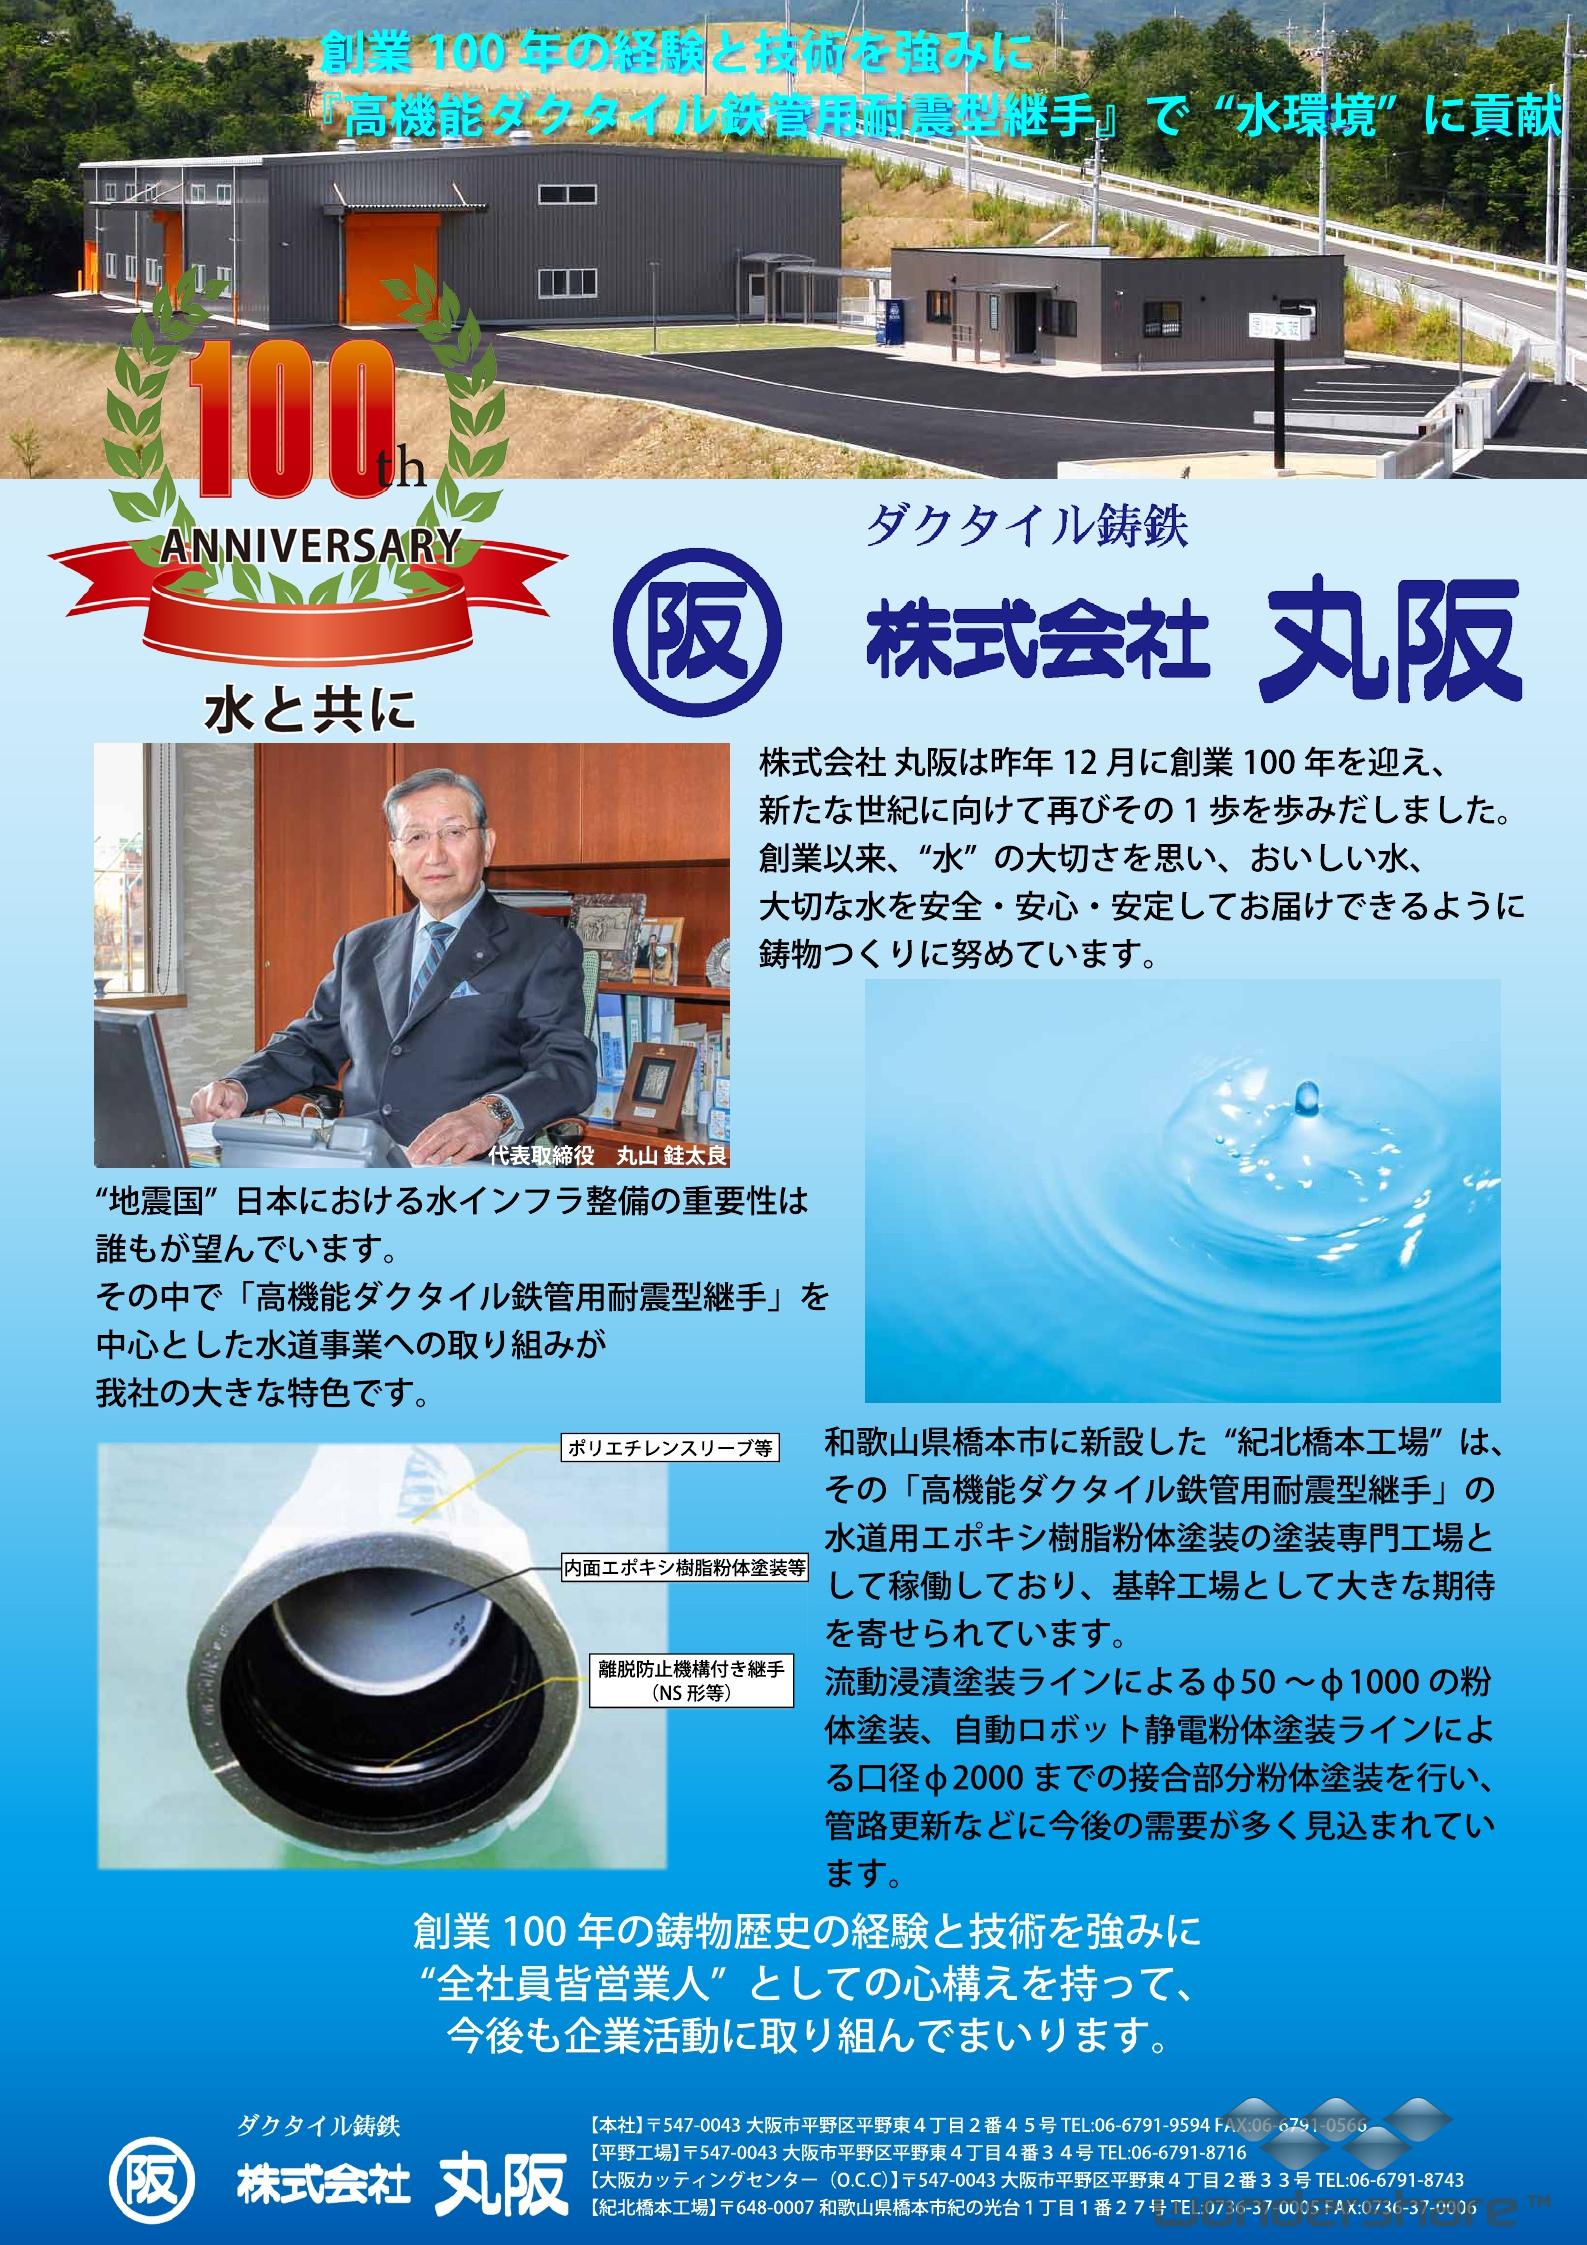 株式会社丸阪100周年